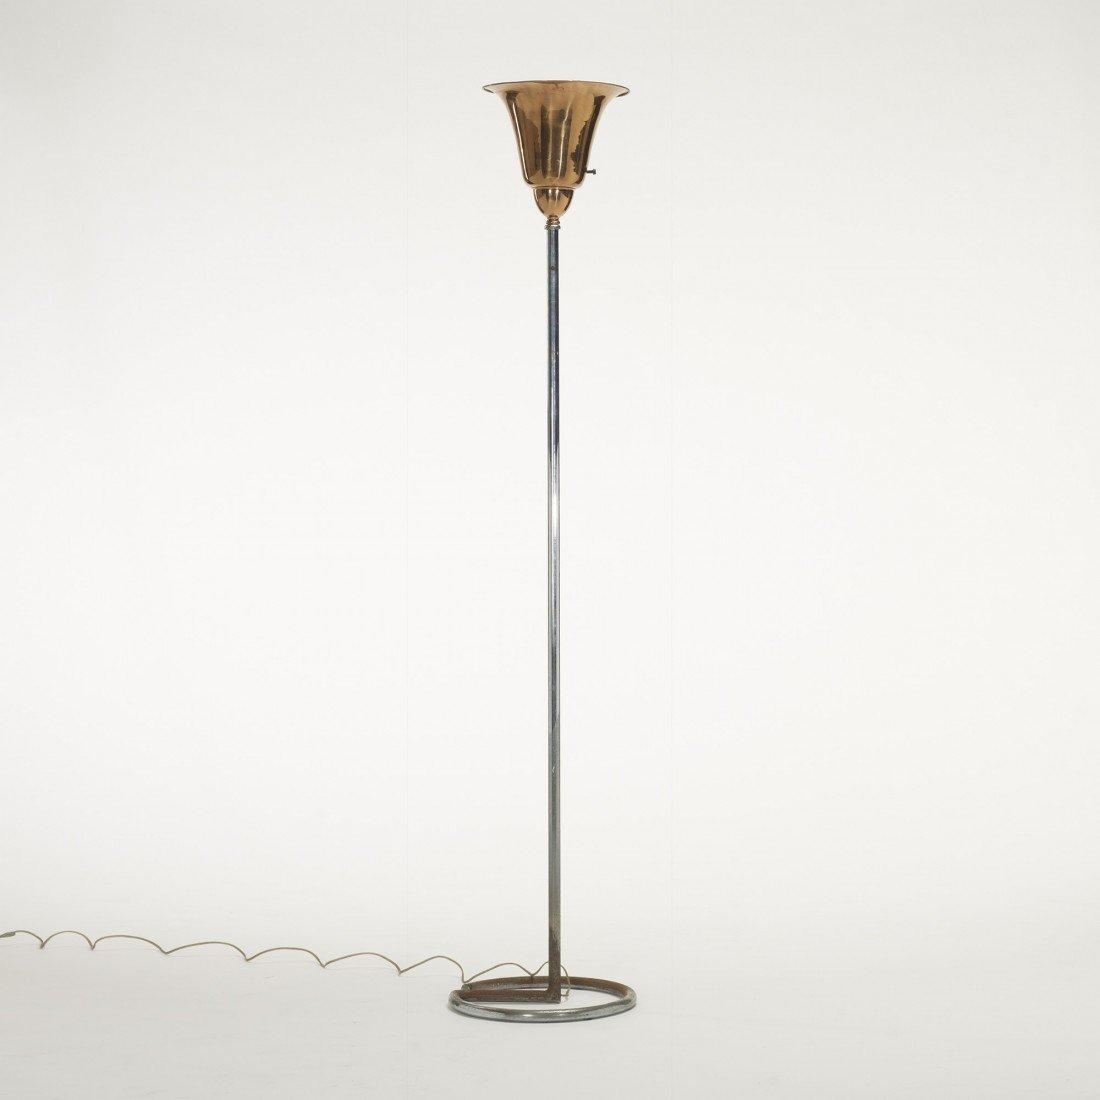 127: Art Deco floor lamp